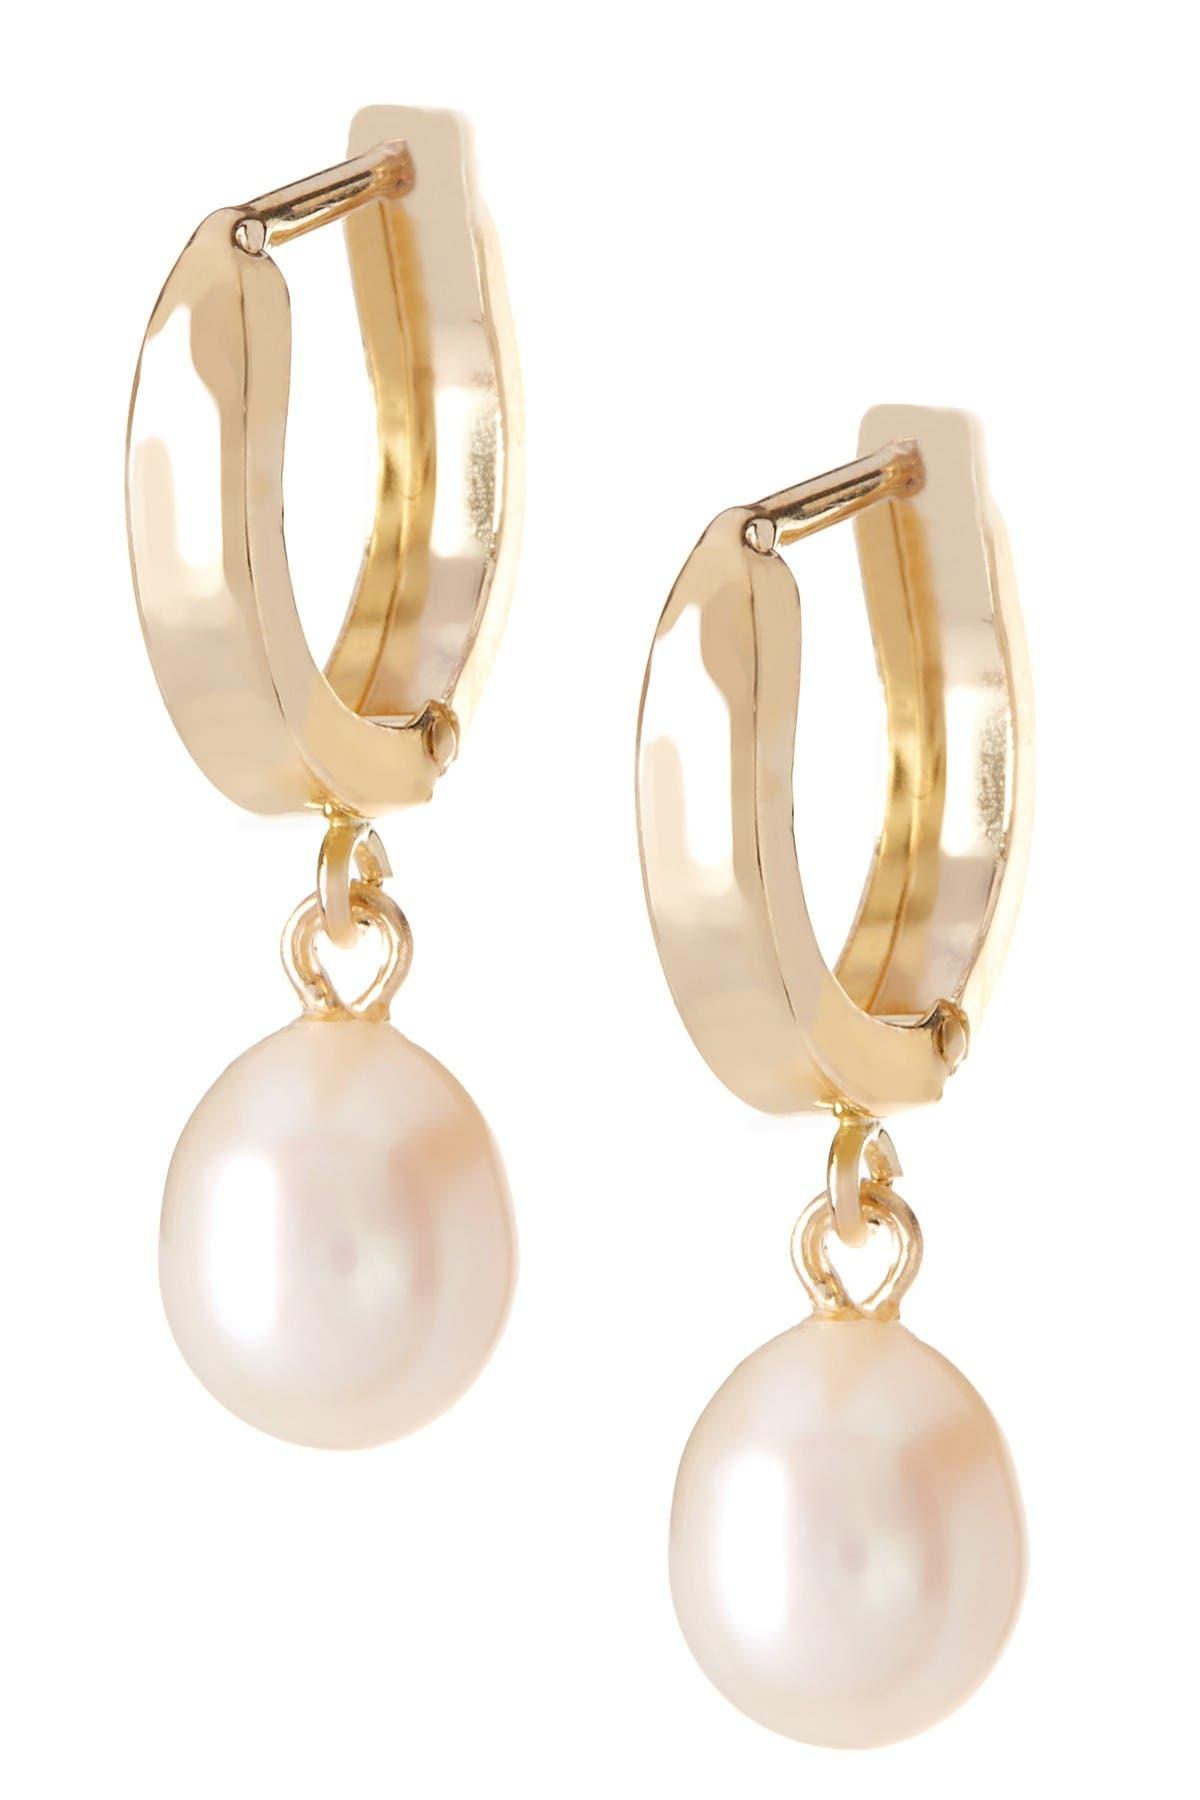 Splendid Pearls Dangle 6-6.5mm Pearl Huggie Earrings at Nordstrom Rack